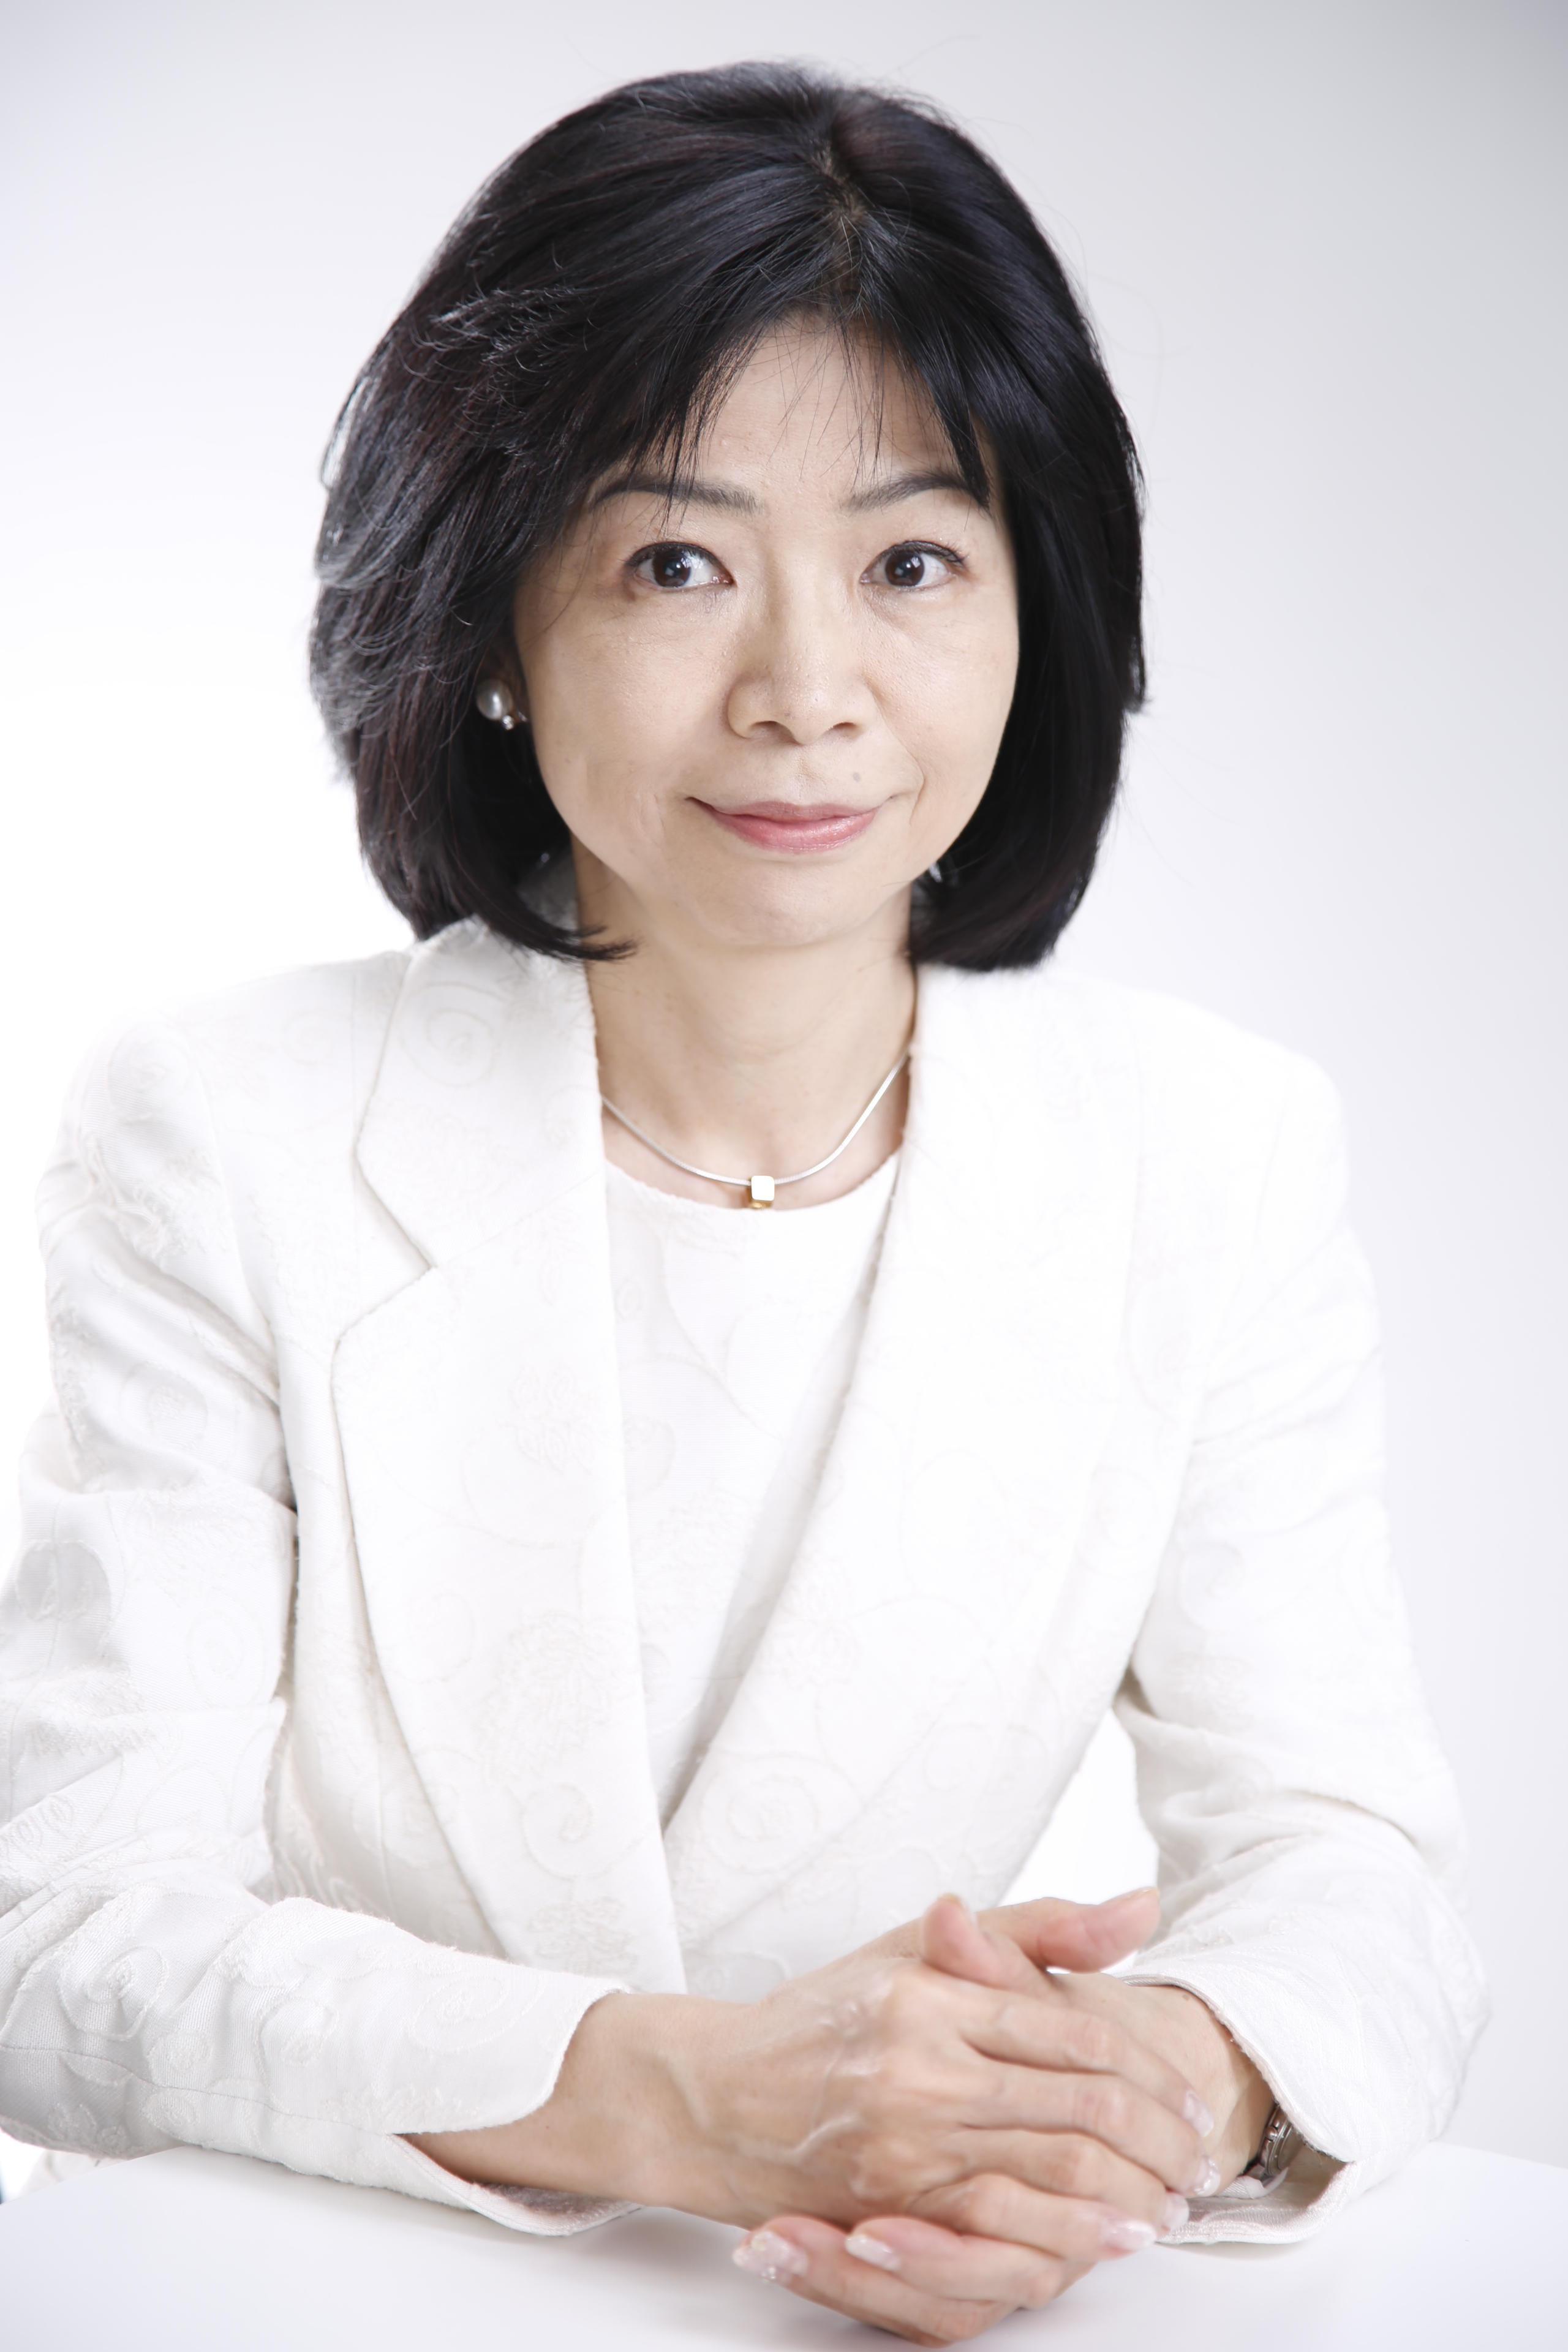 駒澤大学が新学長にグローバル・メディア・スタディーズ学部の各務洋子教授を選任 -- 同大初の女性学長に